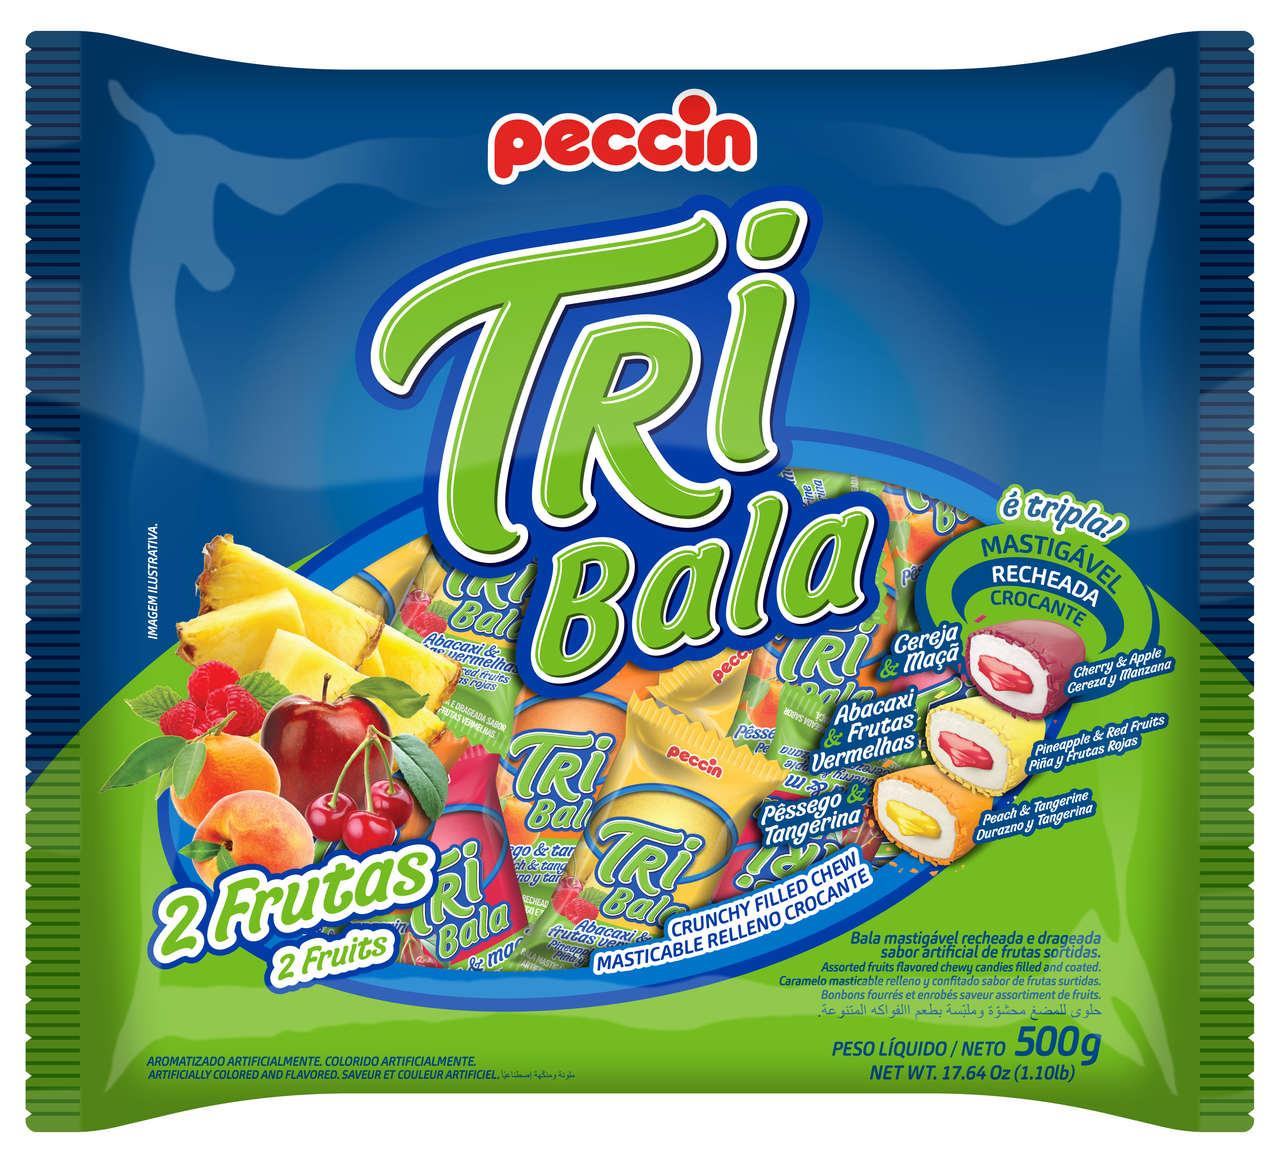 BALA PECCIN TRIBALA RECHEADA 2 FRUTAS 500 G